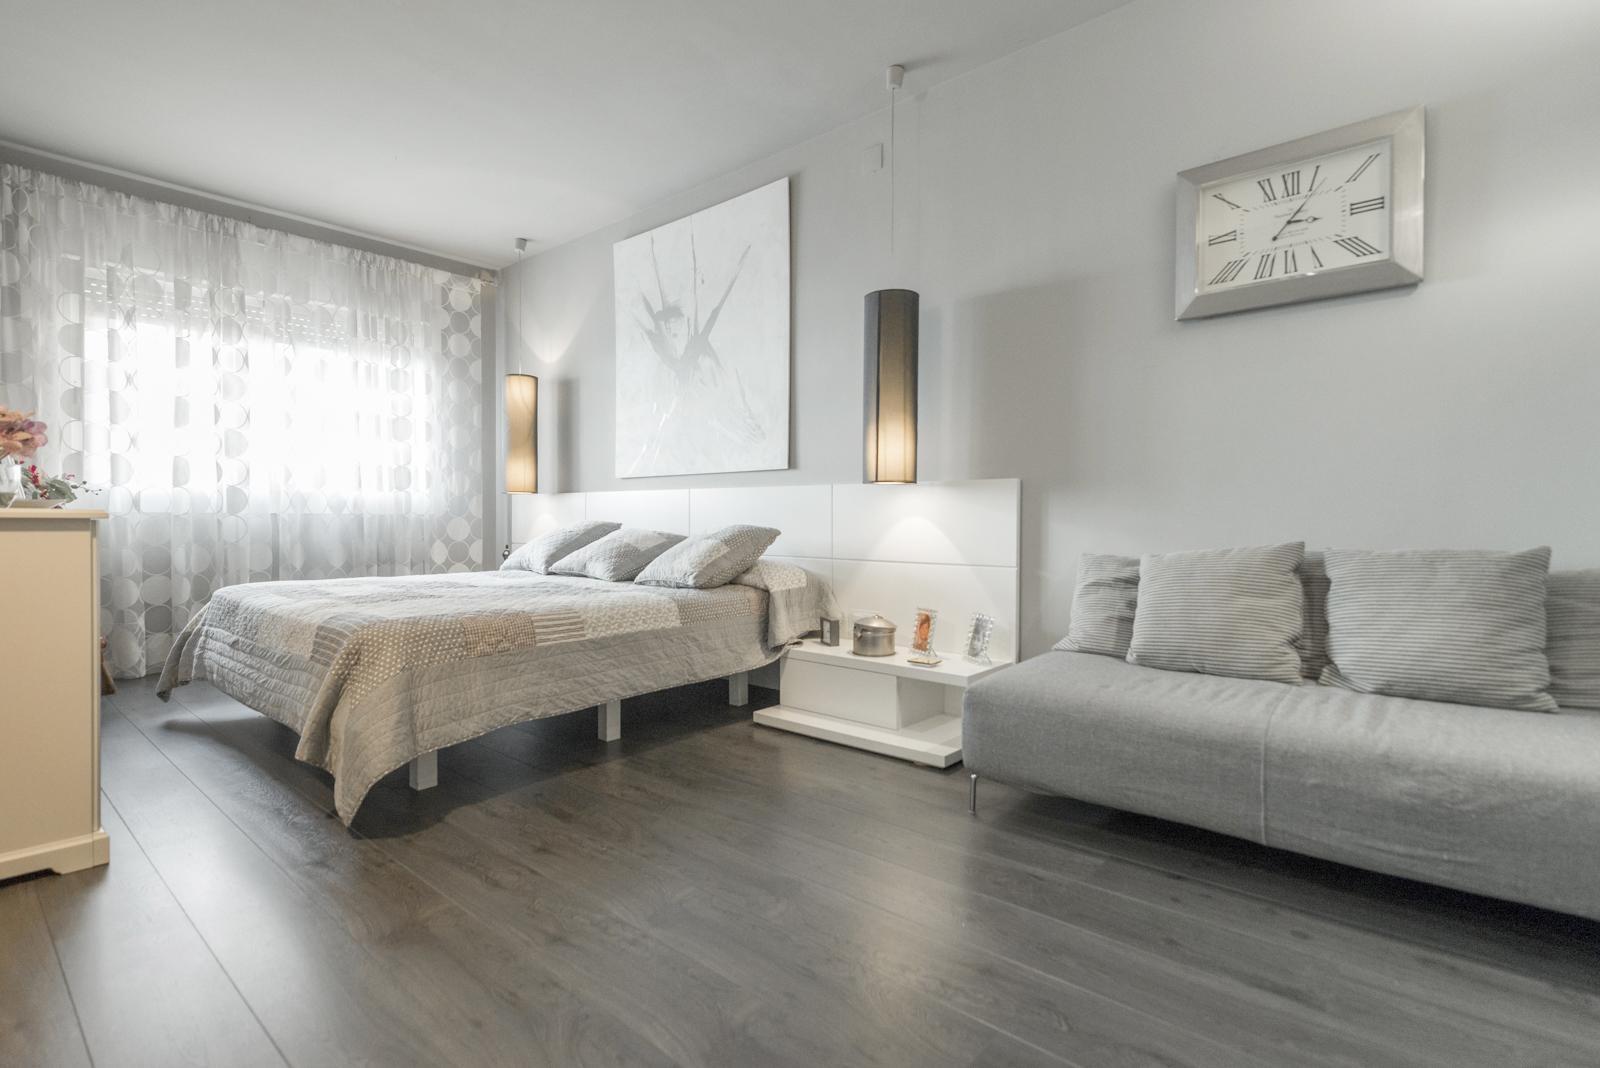 168541 - Sarria-Plaza Vergos